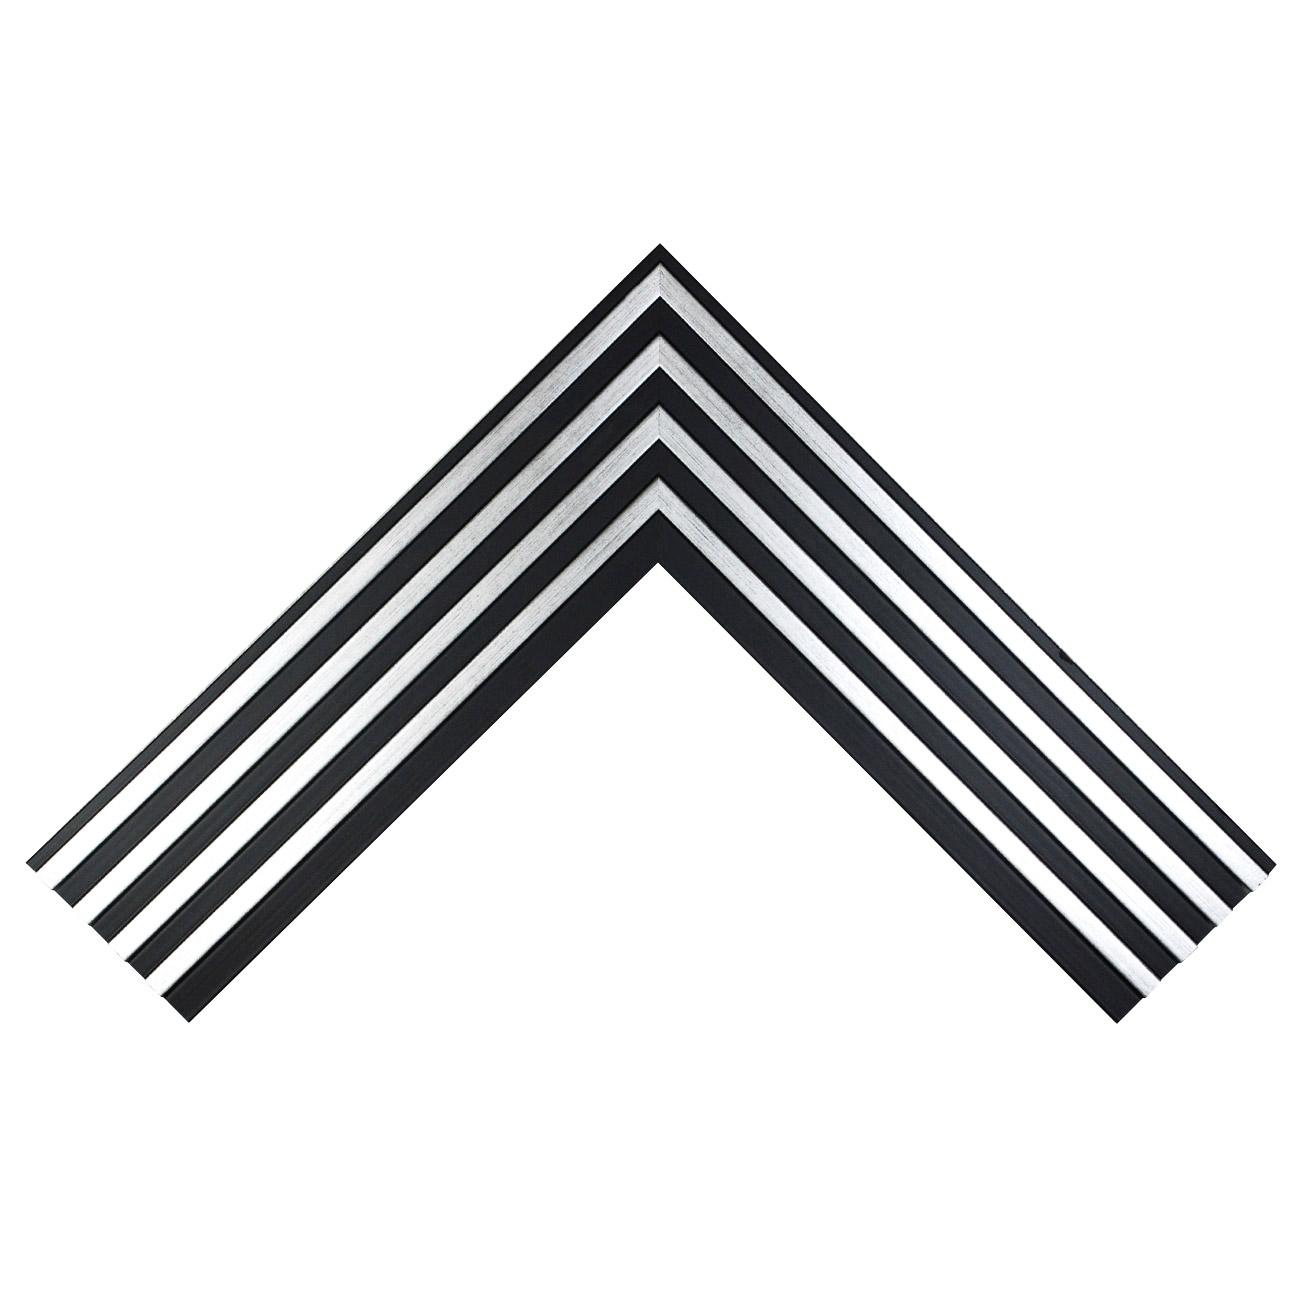 Baguette bois profil plat largeur 8.9cm  couleur noir mat 4 colonnes argent  en relief